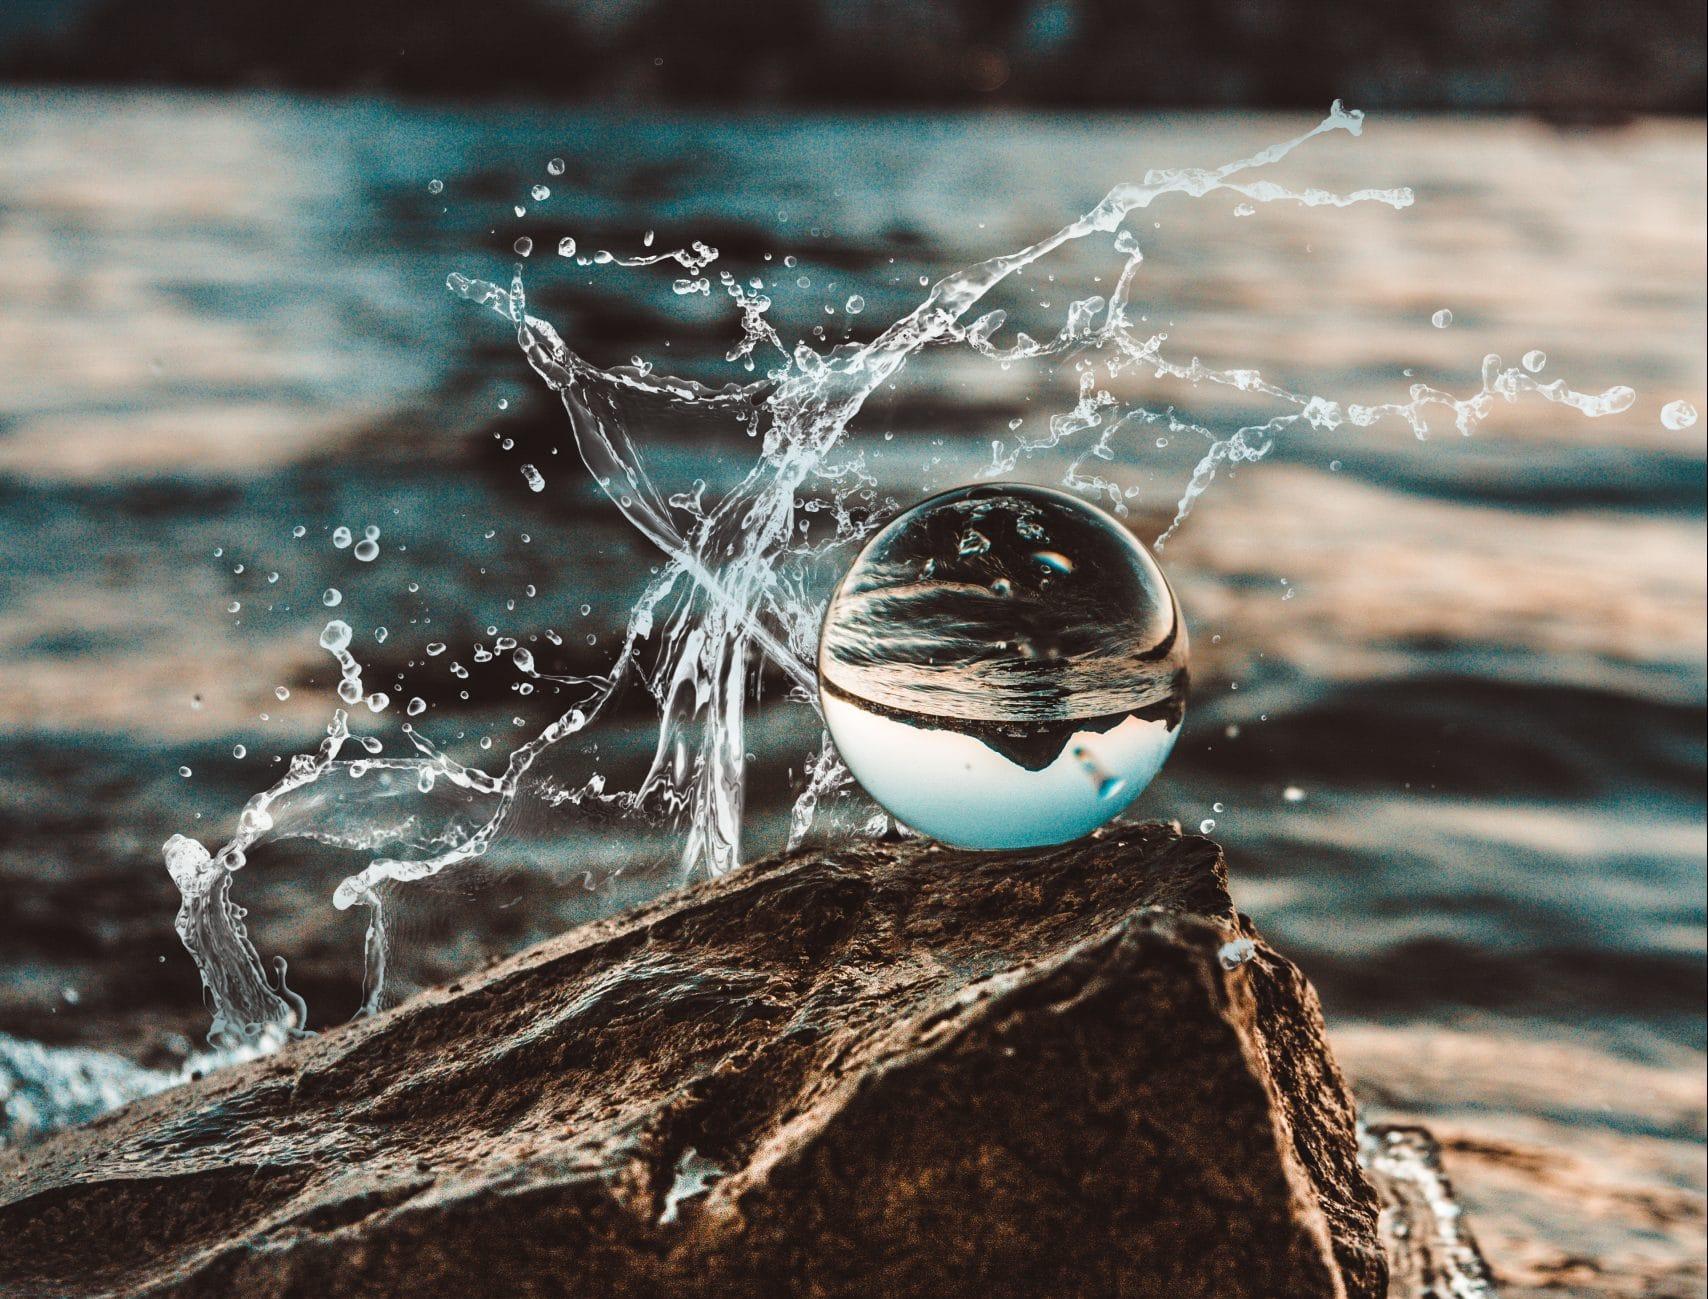 bể lọc nước